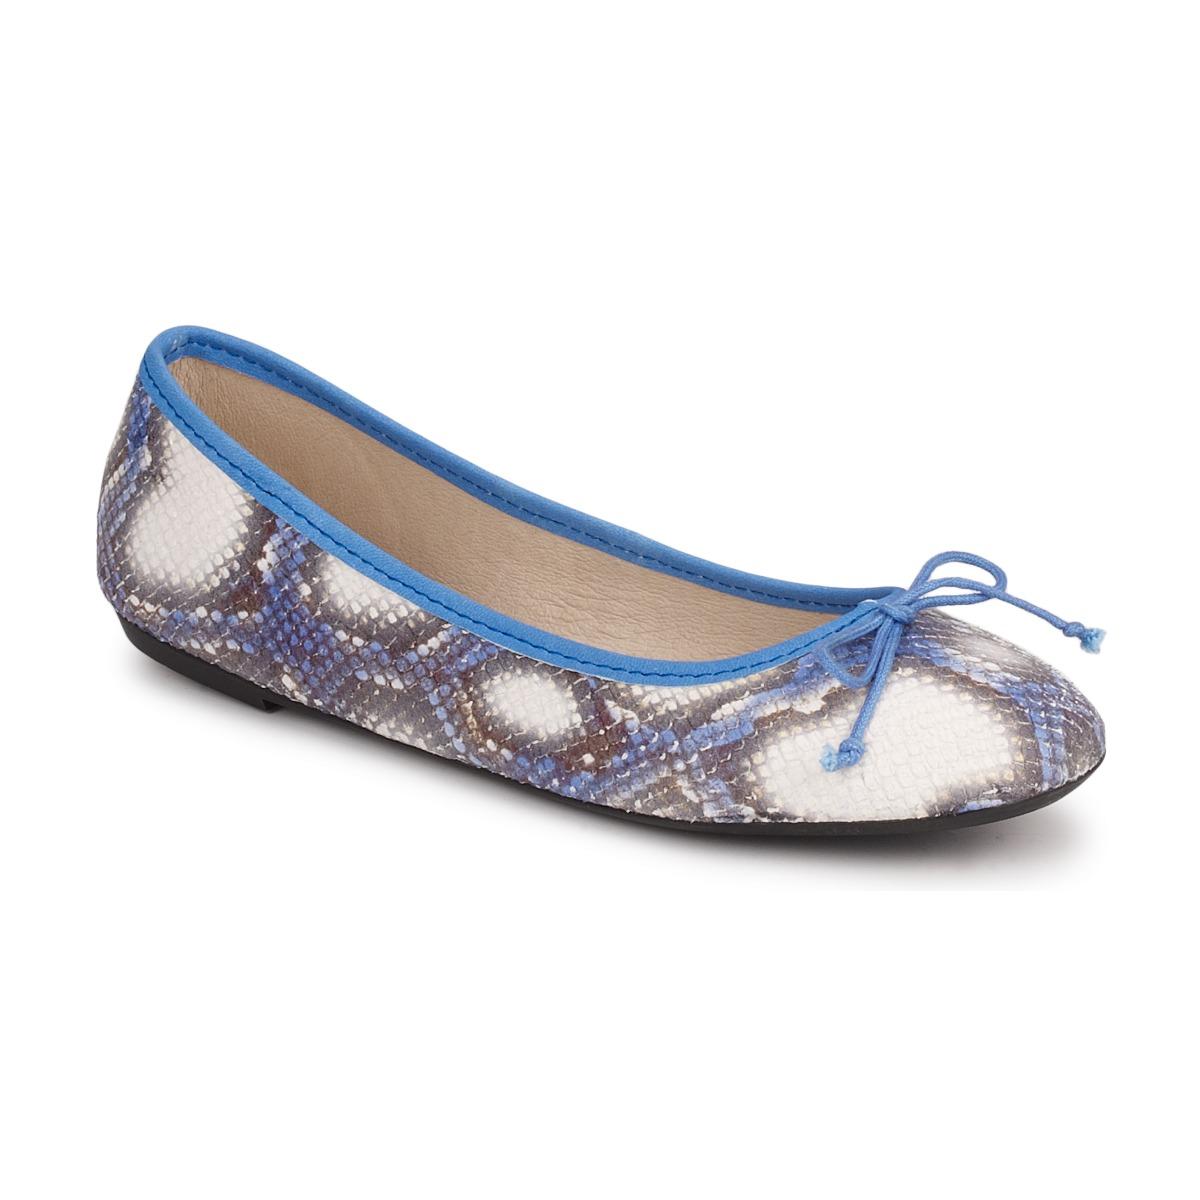 Koah GAME Blau - Kostenloser Versand bei Spartoode ! - Schuhe Ballerinas Damen 45,00 €